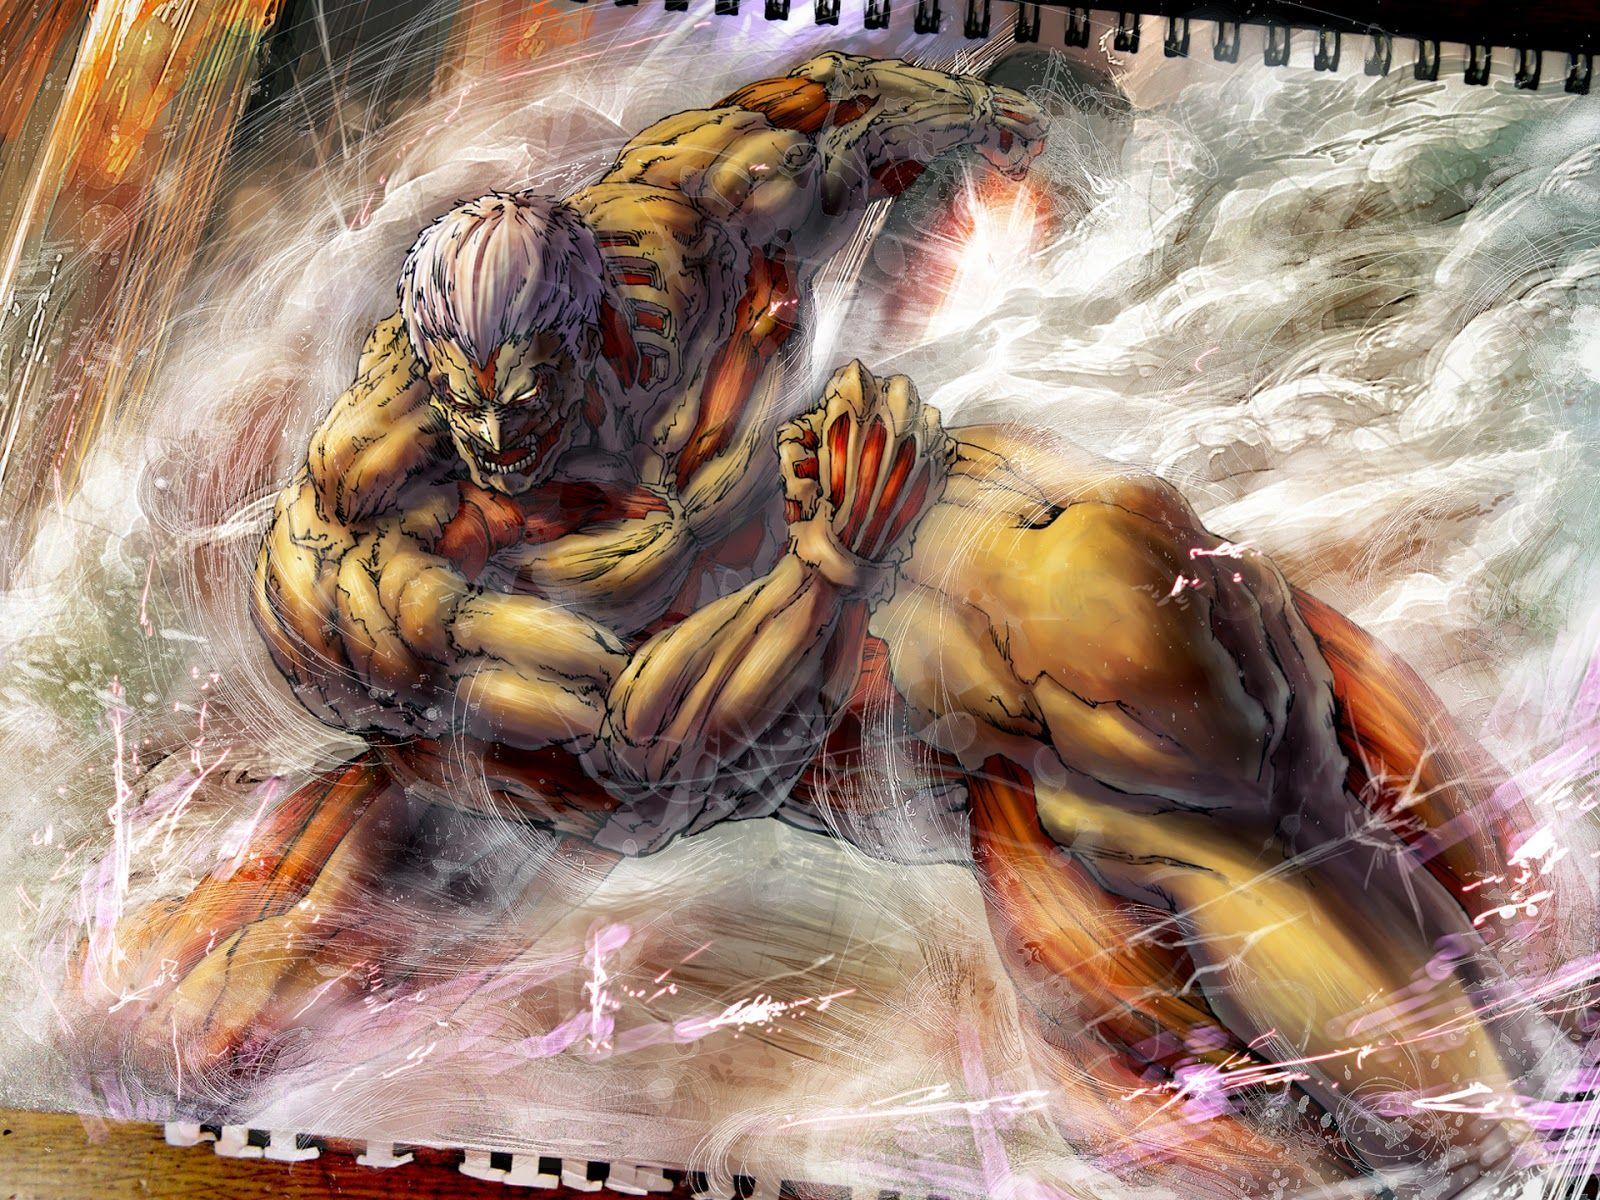 Epic Attack On Titan Attack On Titan Wallpaper 22 266076 For